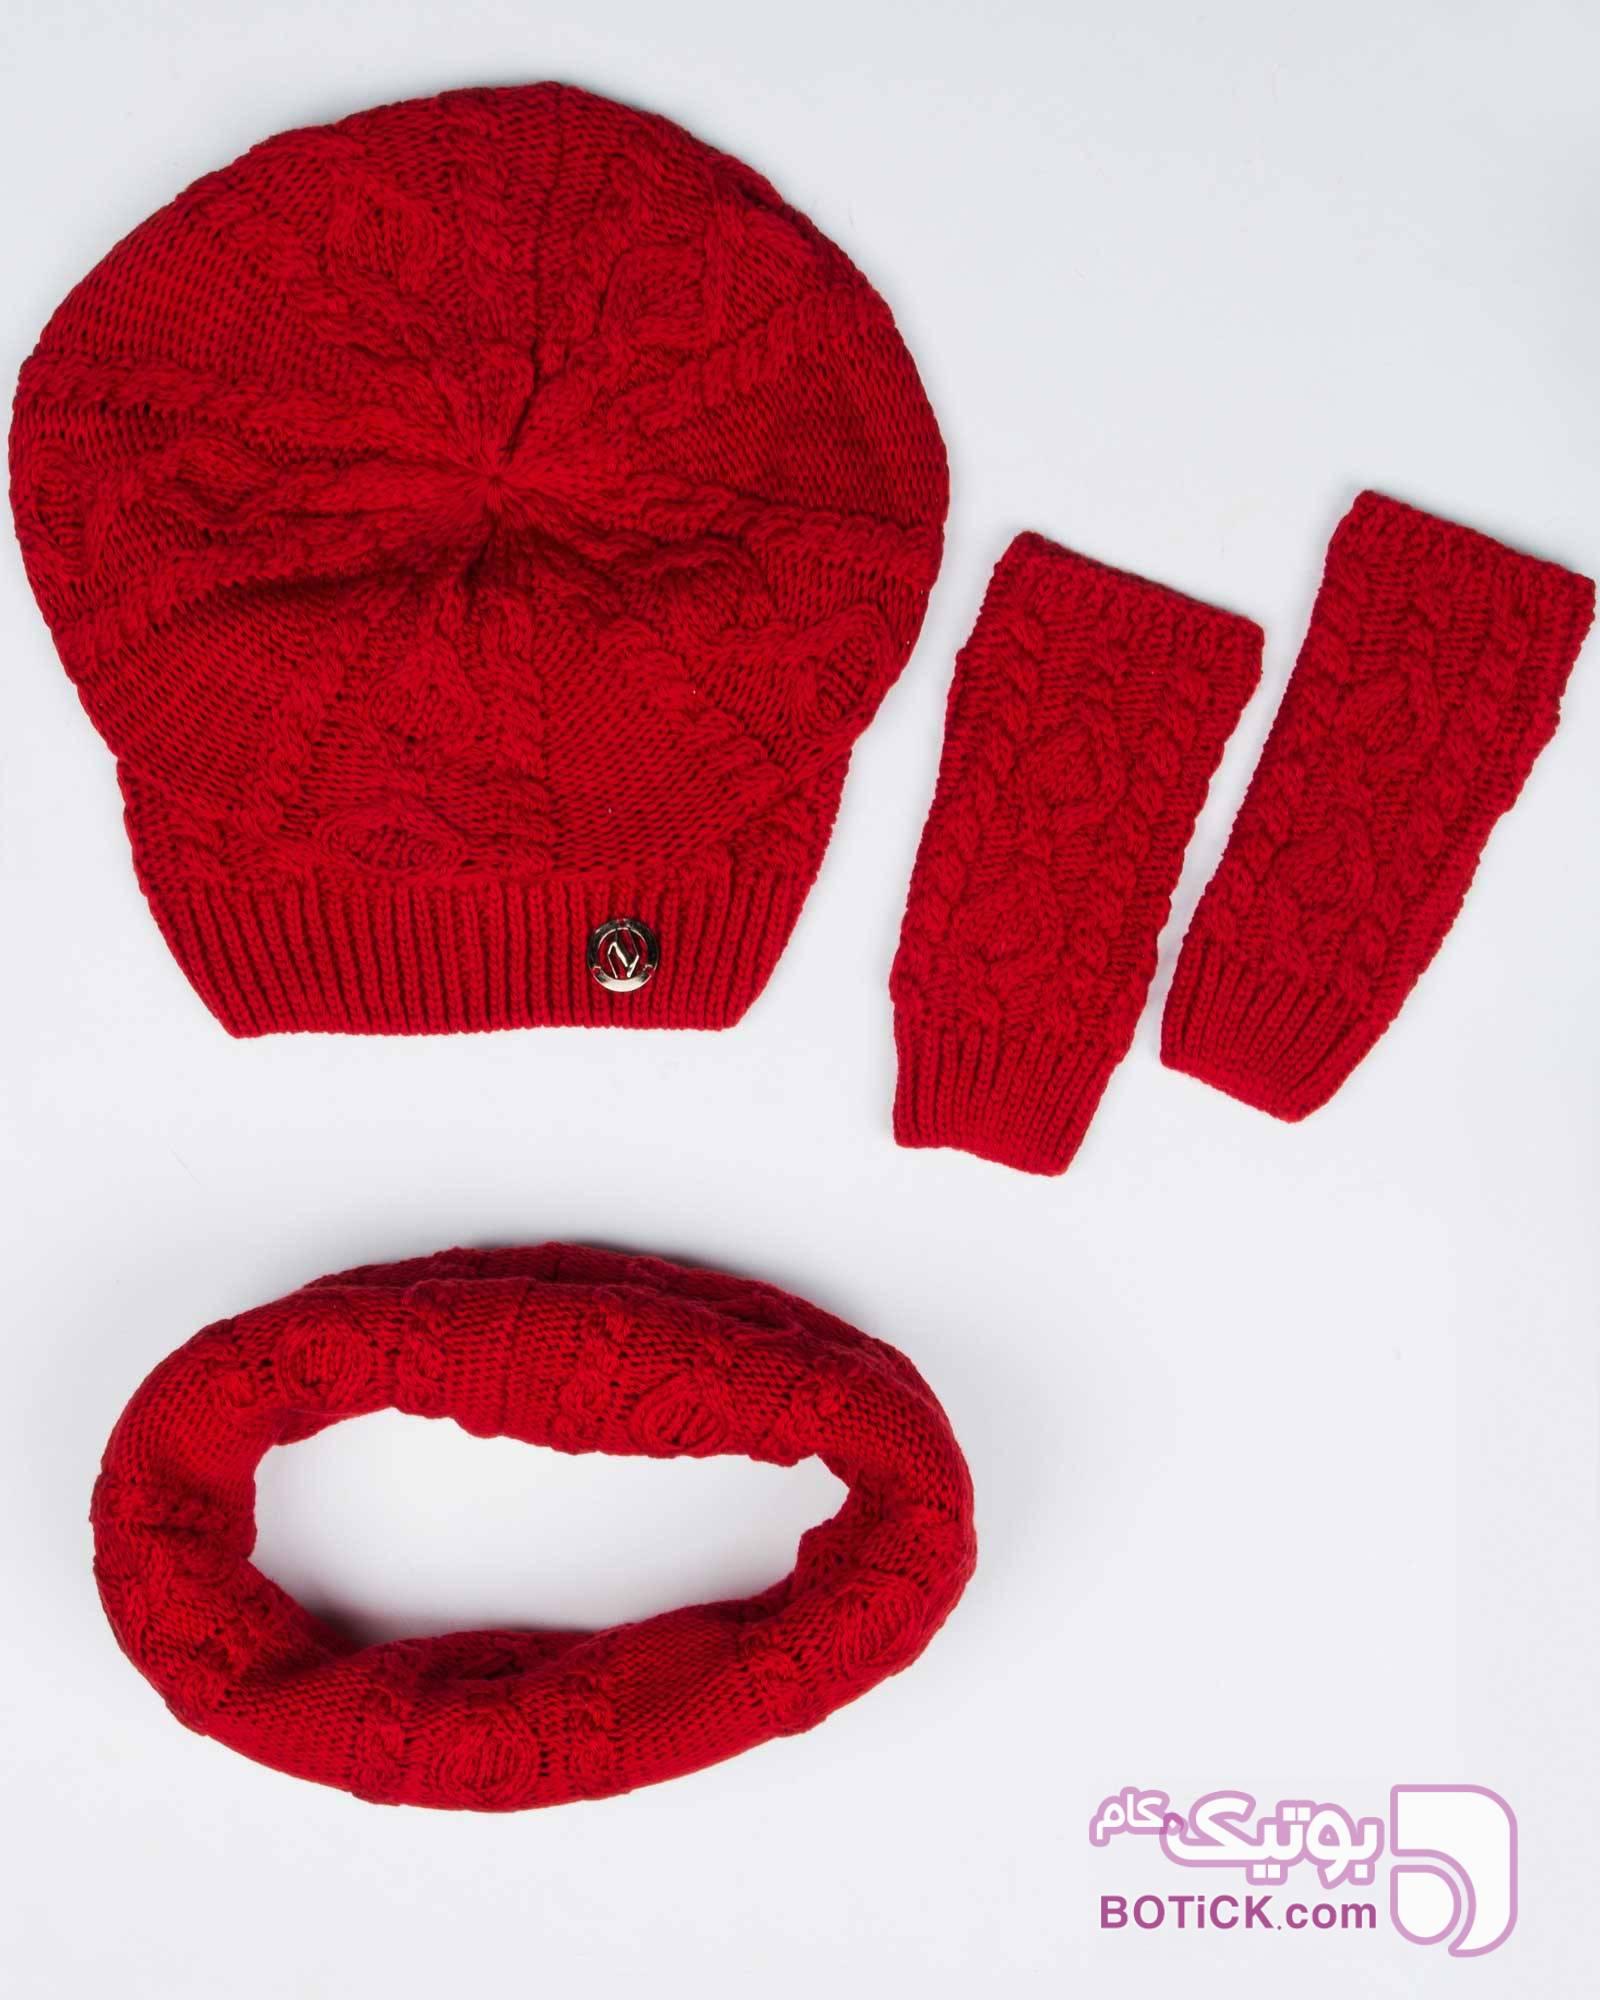 کلاه و شال گردن رینگی و دستکش بافت ساده مشکی کلاه بافت و شال گردن و دستکش